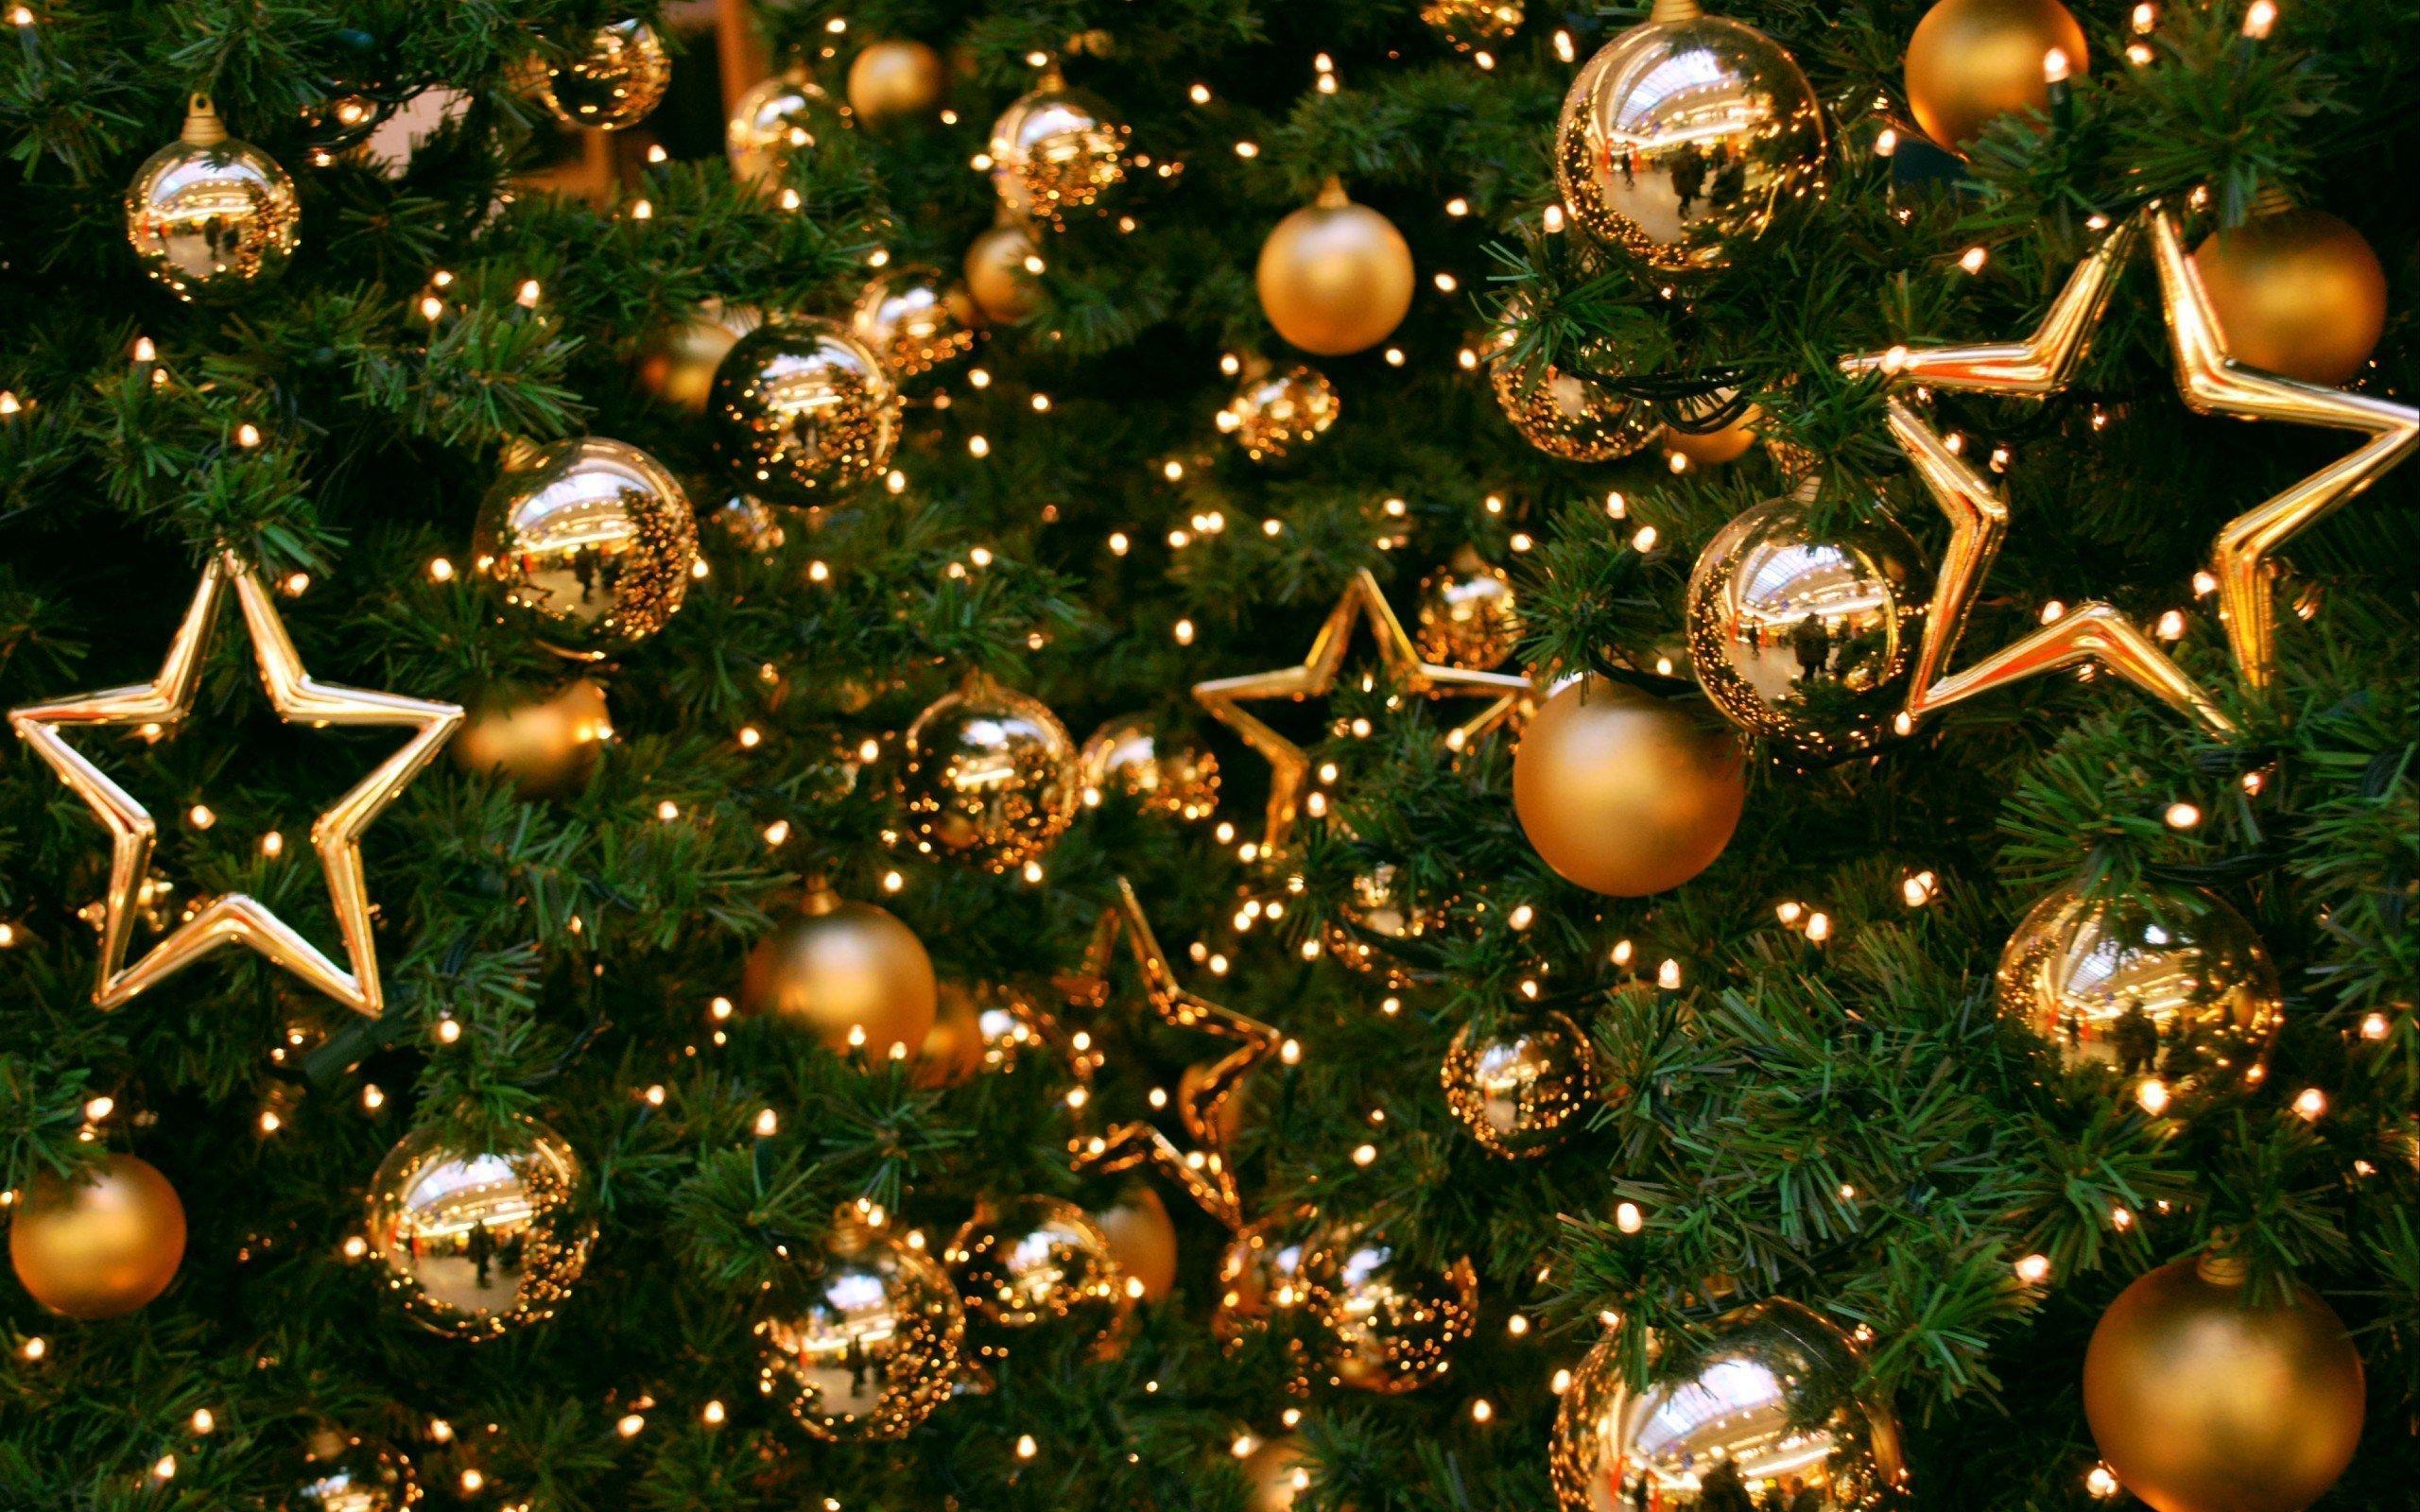 Картинки новогодние елки на рабочий стол